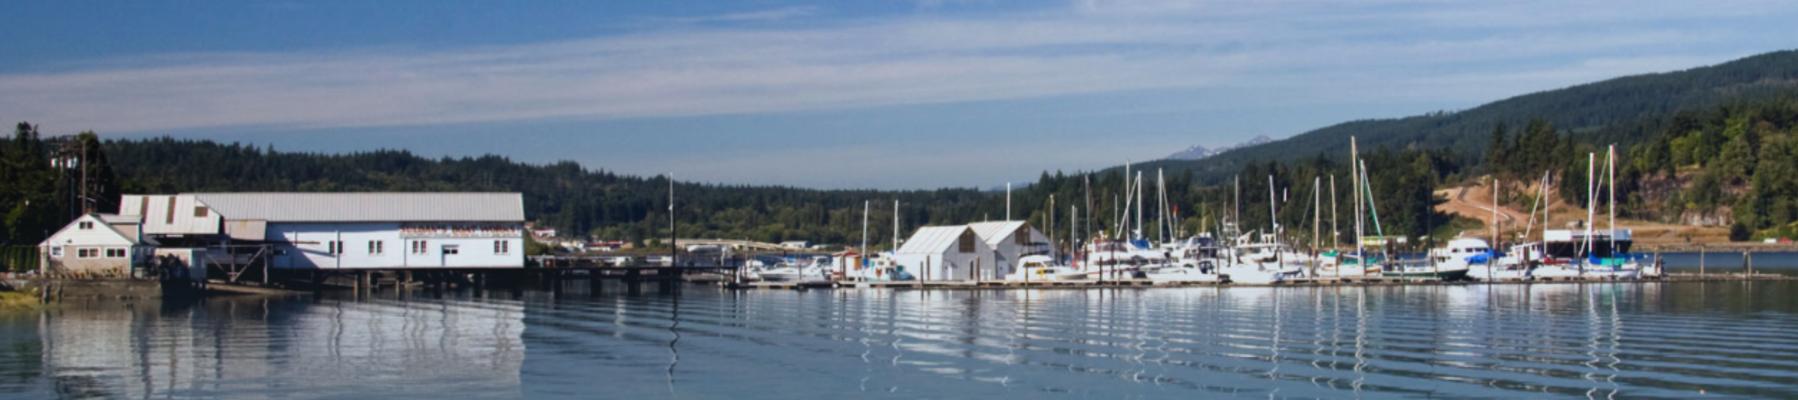 Suldan's Boat Works